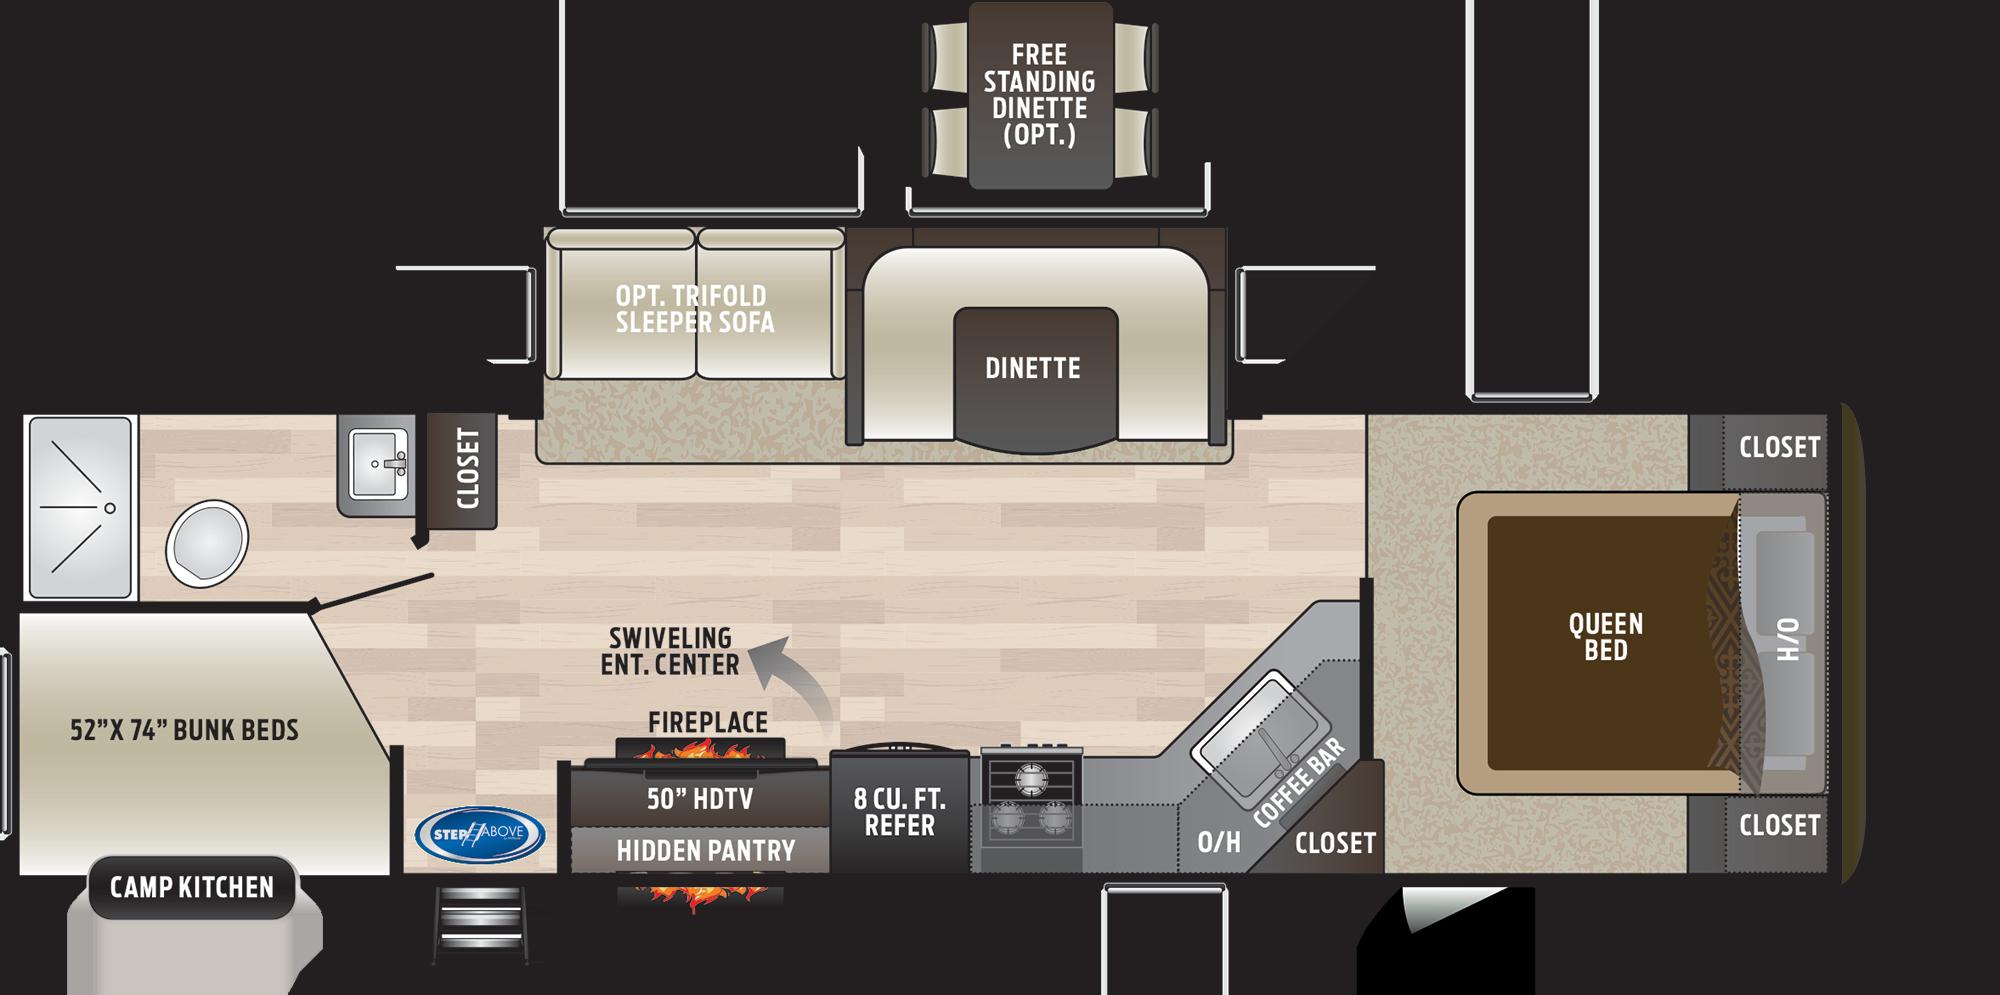 2019 KEYSTONE HIDEOUT 29DFS (bunks) Floorplan